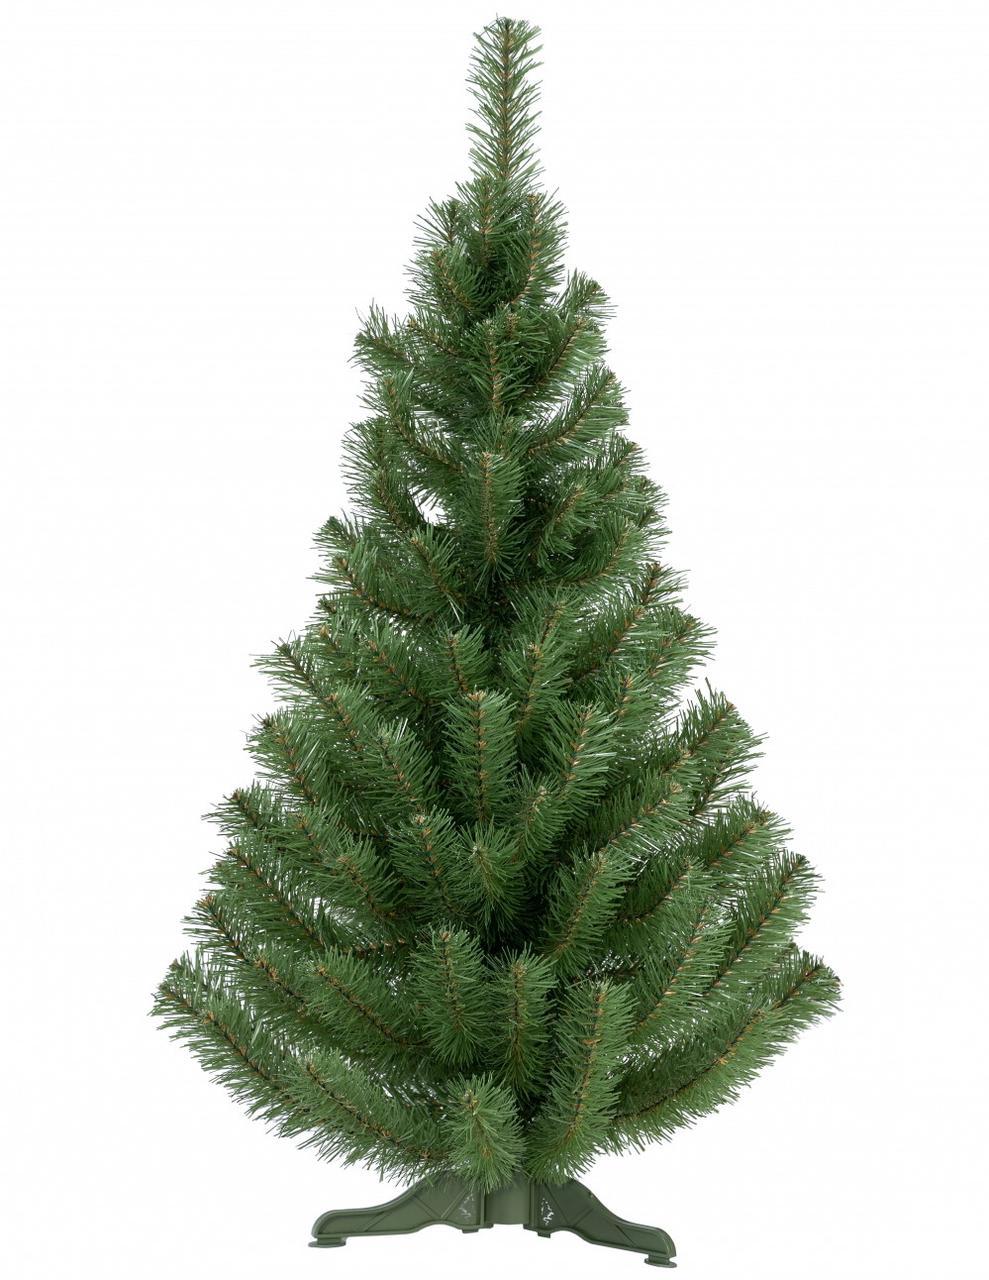 Декор Елка Новогодняя Рождественская Ель Из Искусственной Хвои 90х55см 1К (ProFit53)